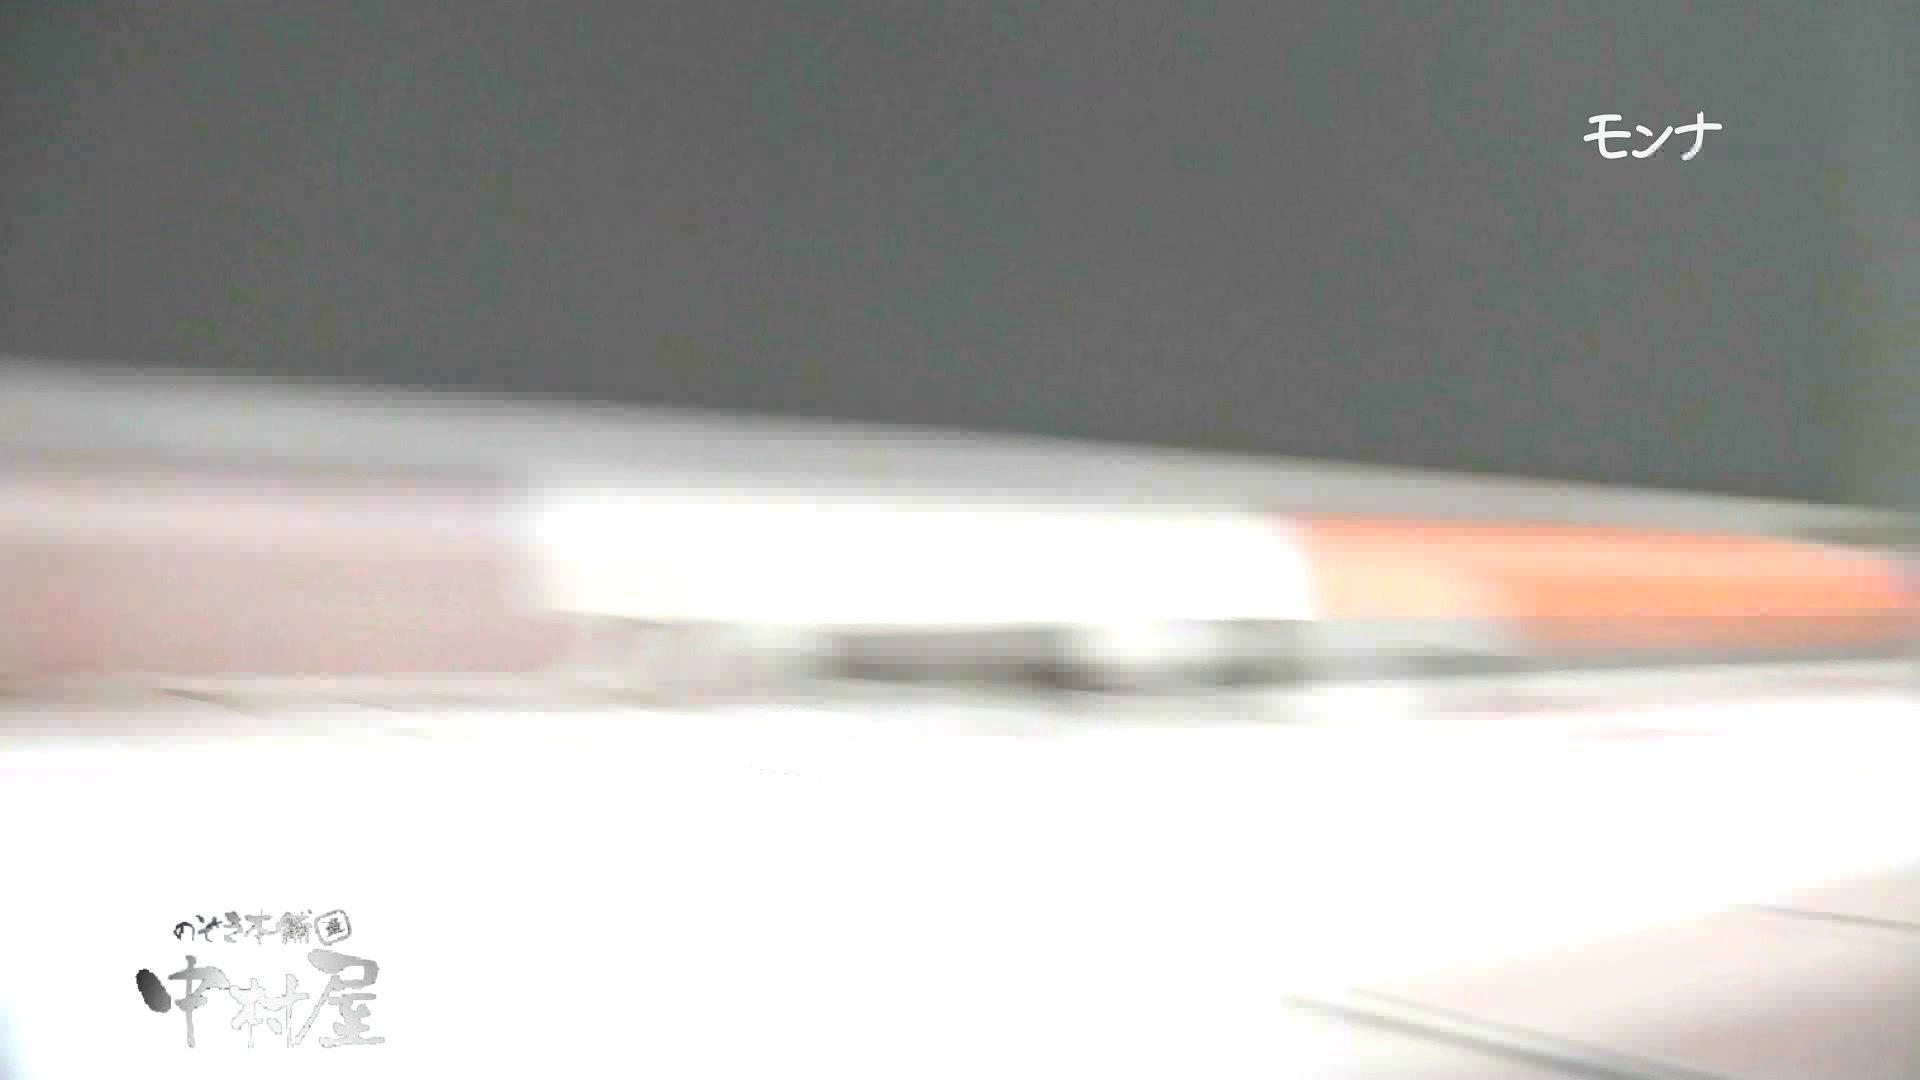 【美しい日本の未来】遂に!!戸田恵梨香似の予告モデル登場ダッシュで「大」後編 おまんこ無修正  59画像 39